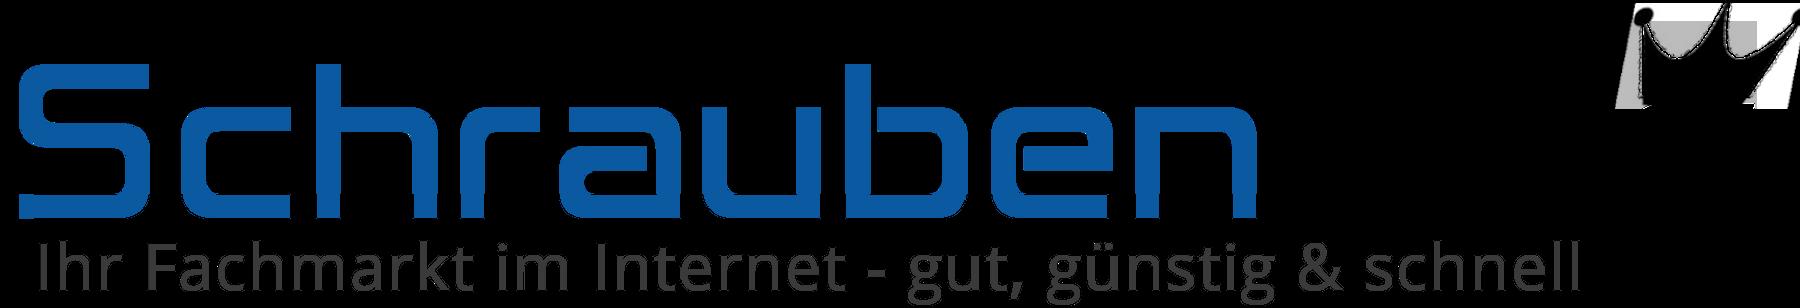 Schraubenking-shop.de - ihr Fachmarkt für Schrauben und Verbindungstechnik